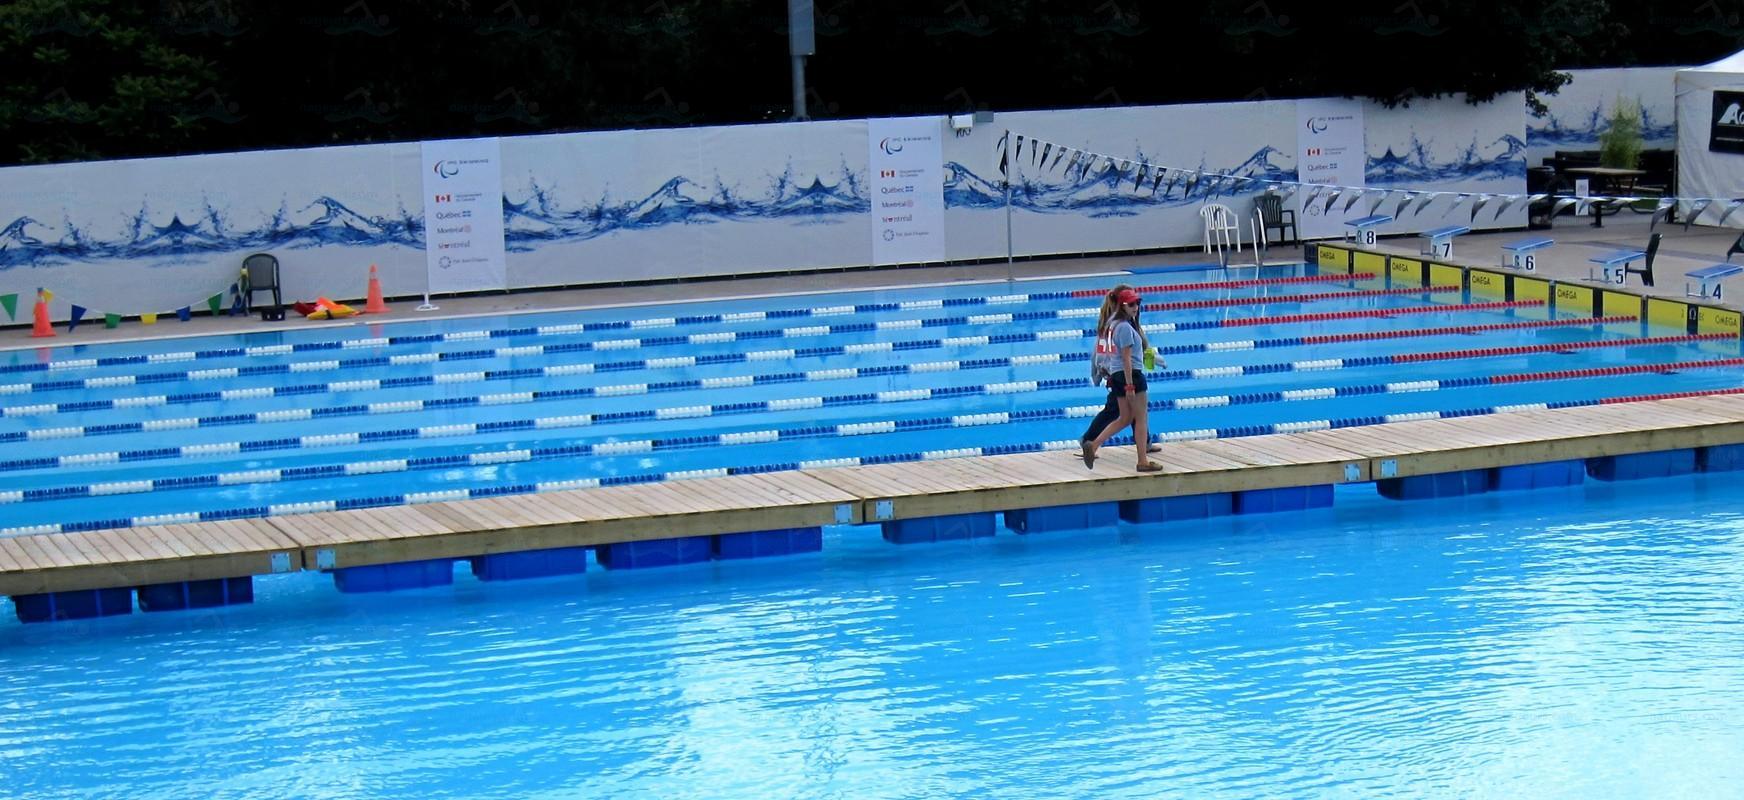 Annuaire des piscines canada piscines for Complexe claude robillard piscine